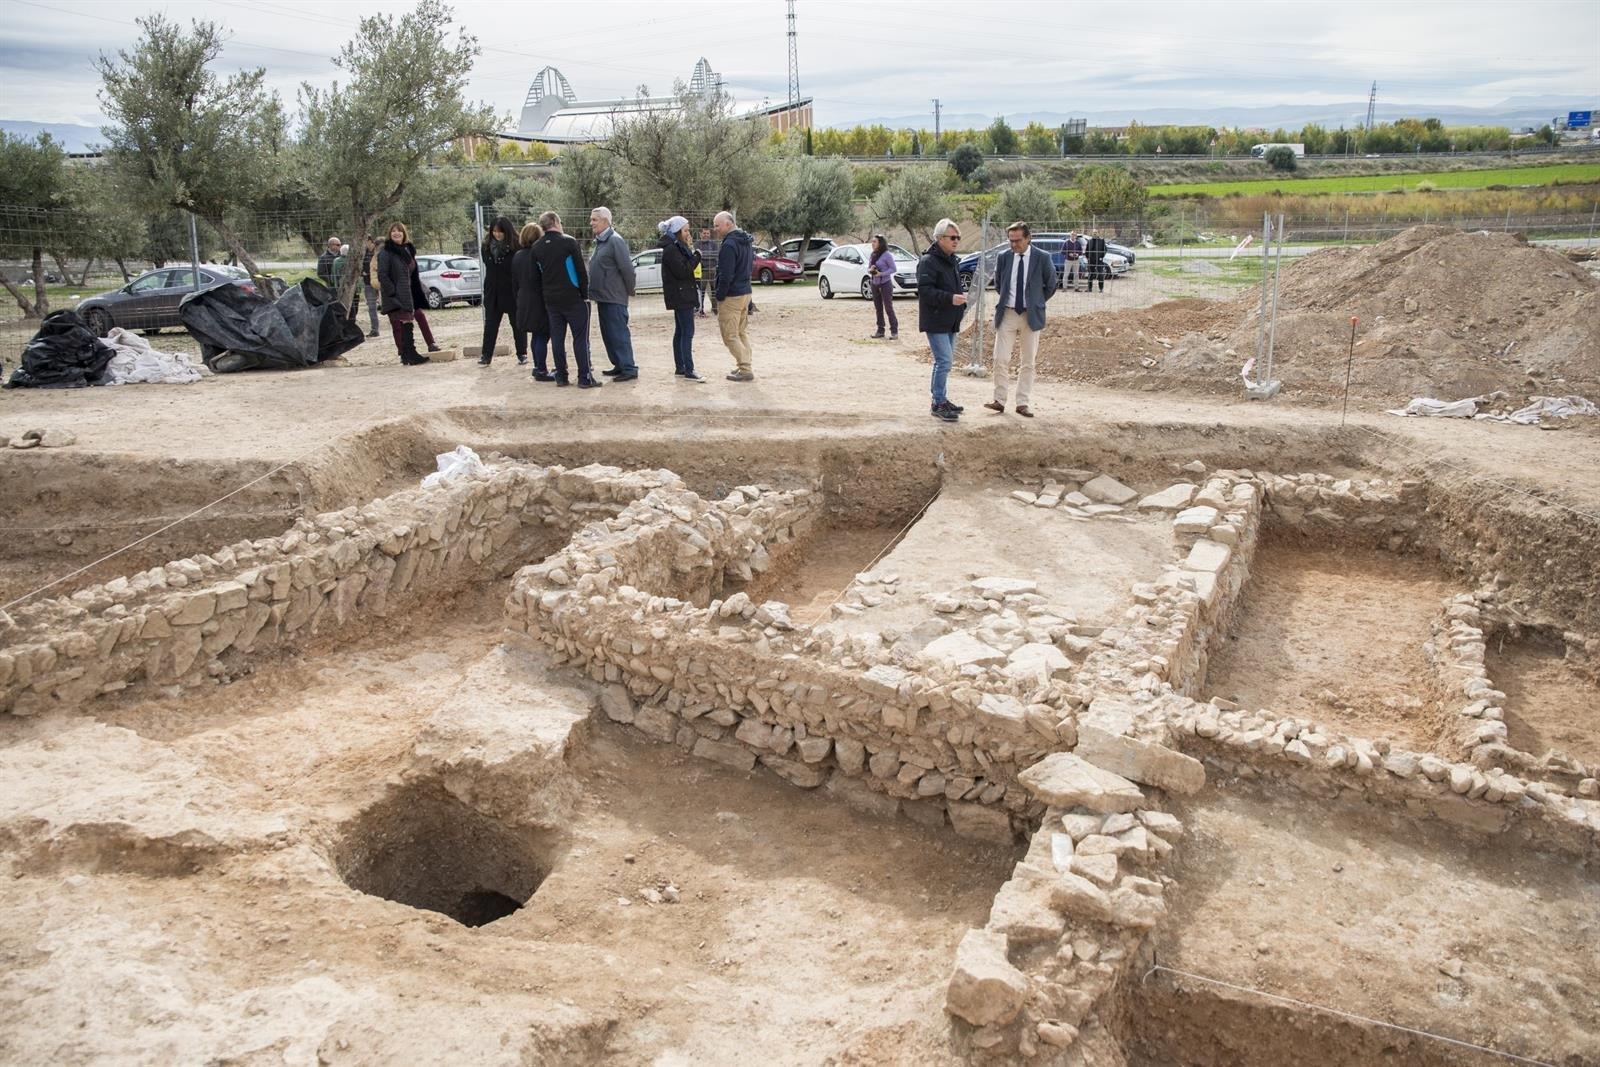 La última excavación en Medina Elvira refuerza la singularidad del yacimiento